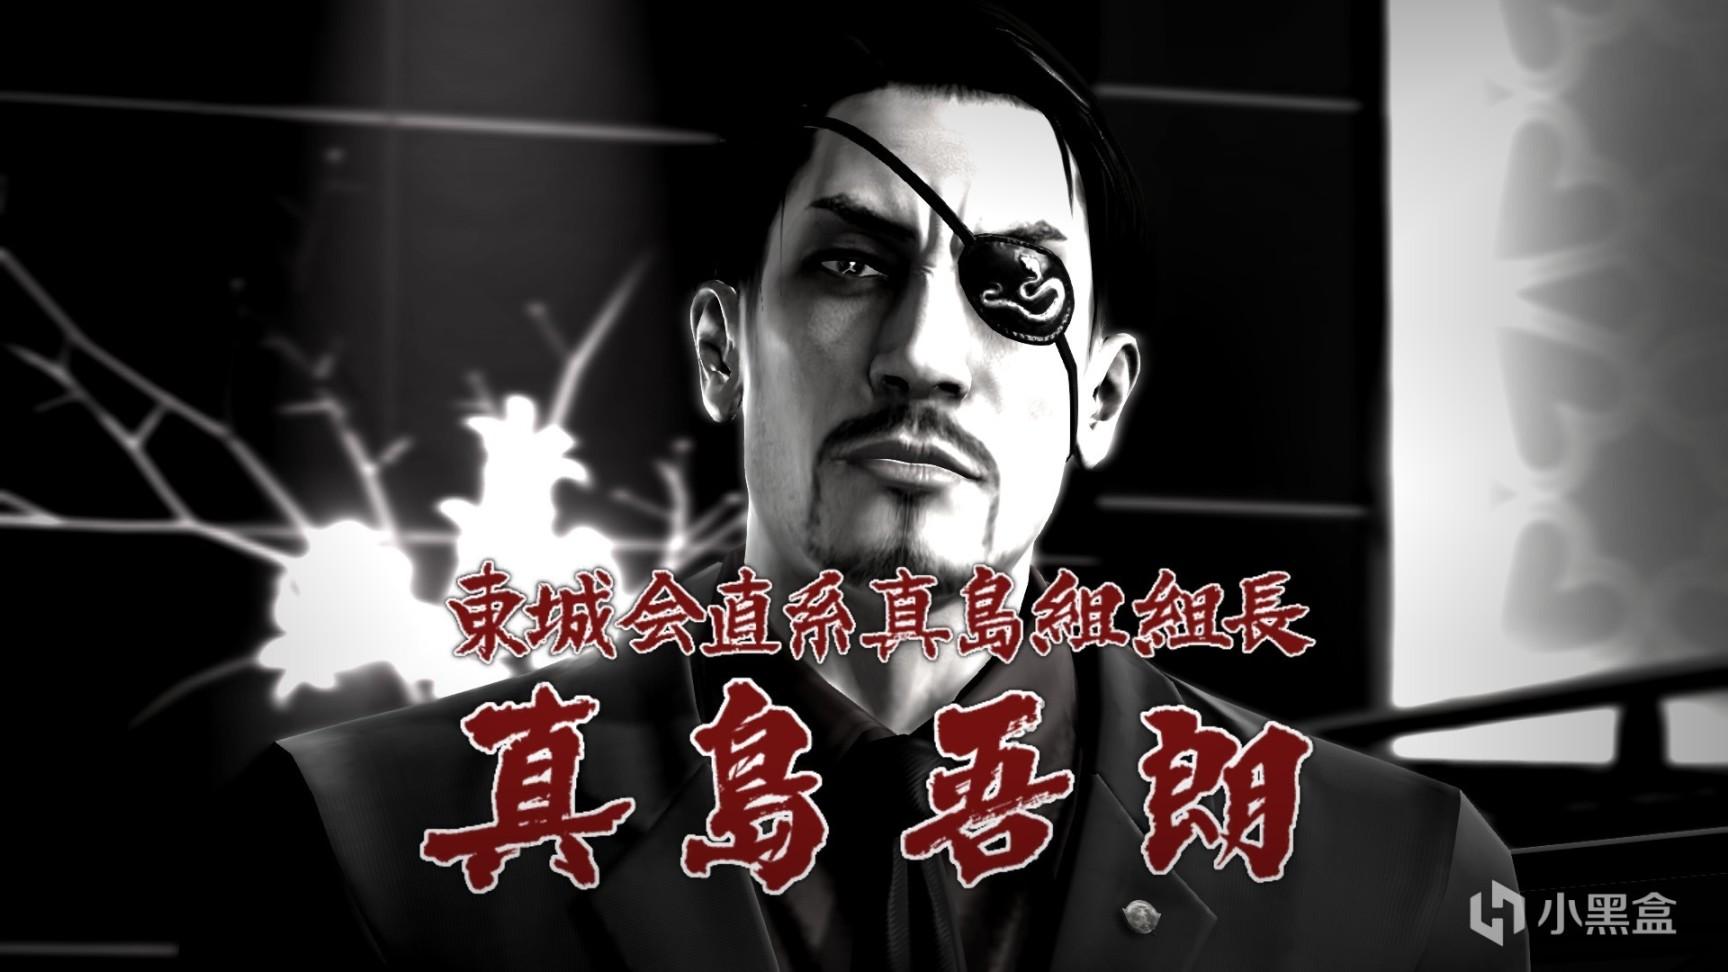 如龙(Yakuza)PC全系列(0~7)游戏介绍及游玩一览(中)插图24